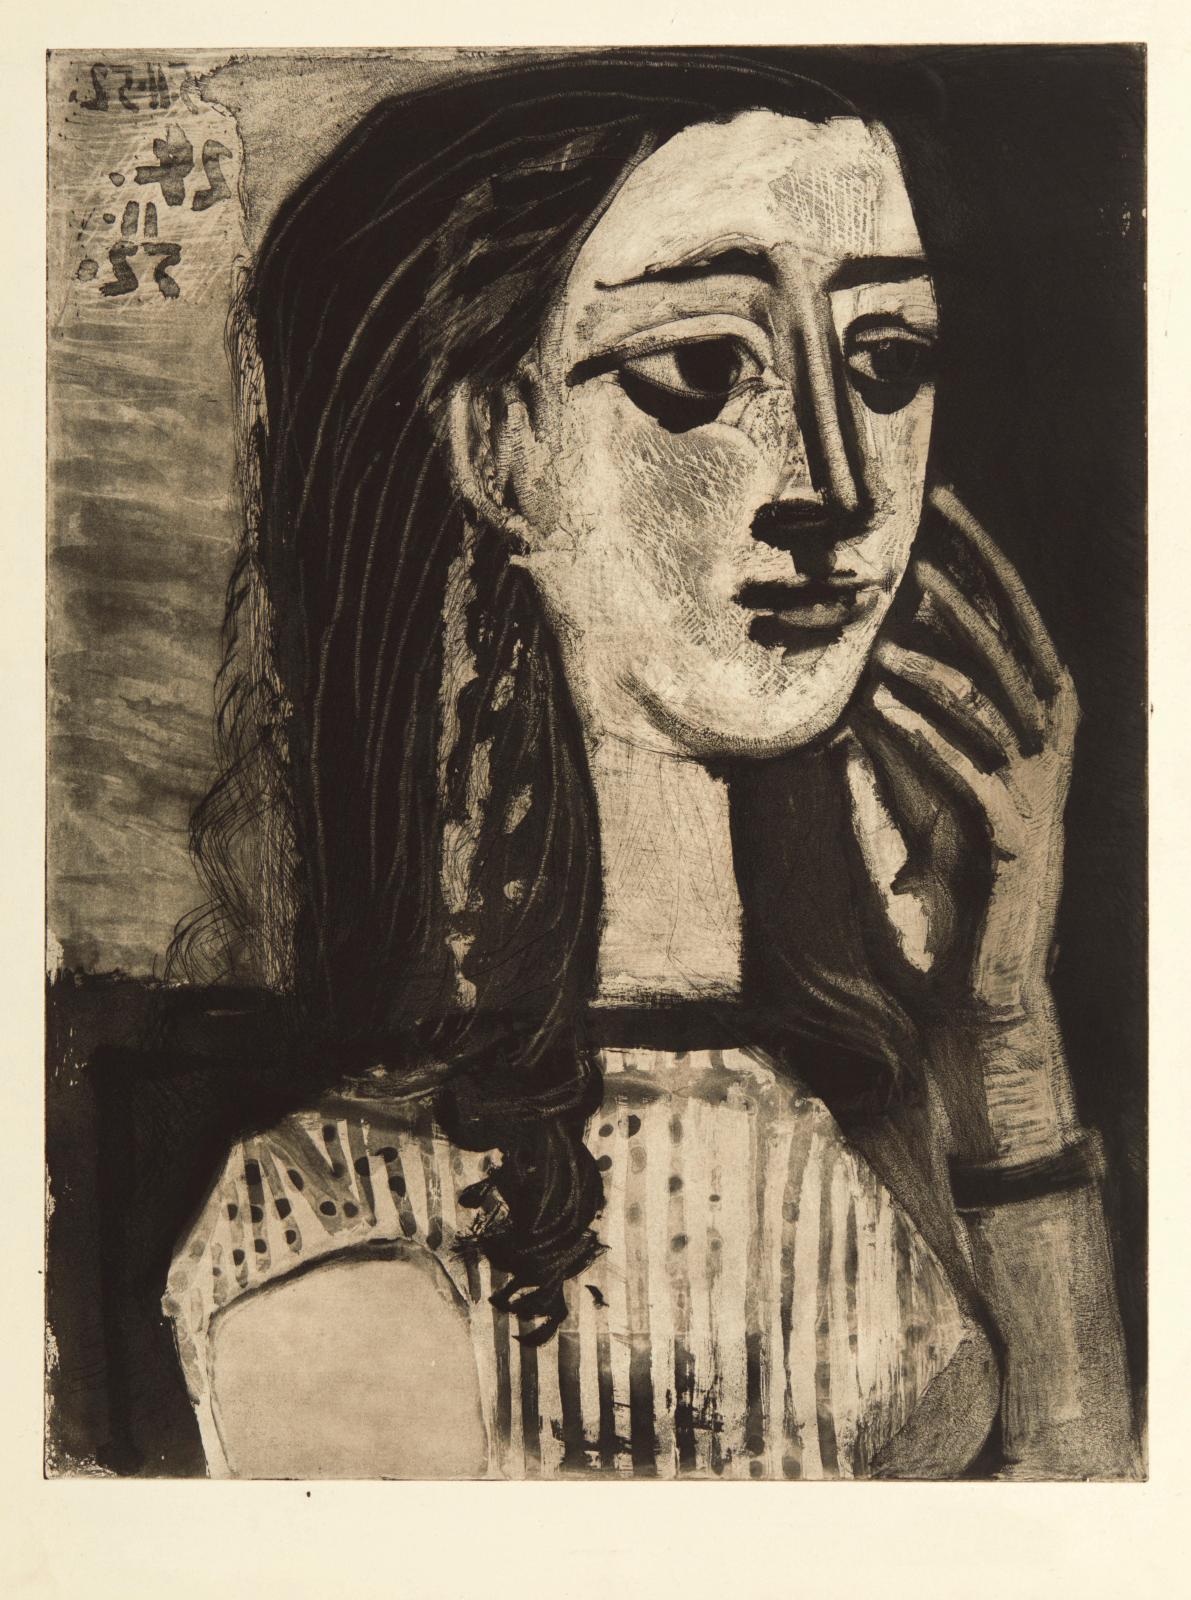 Pablo Picasso (1881-1973), Portrait de Françoise au corsage, 1952, aquatinte au sucre et grattoir, épreuve du 10e état sur 10, 76,5x57c